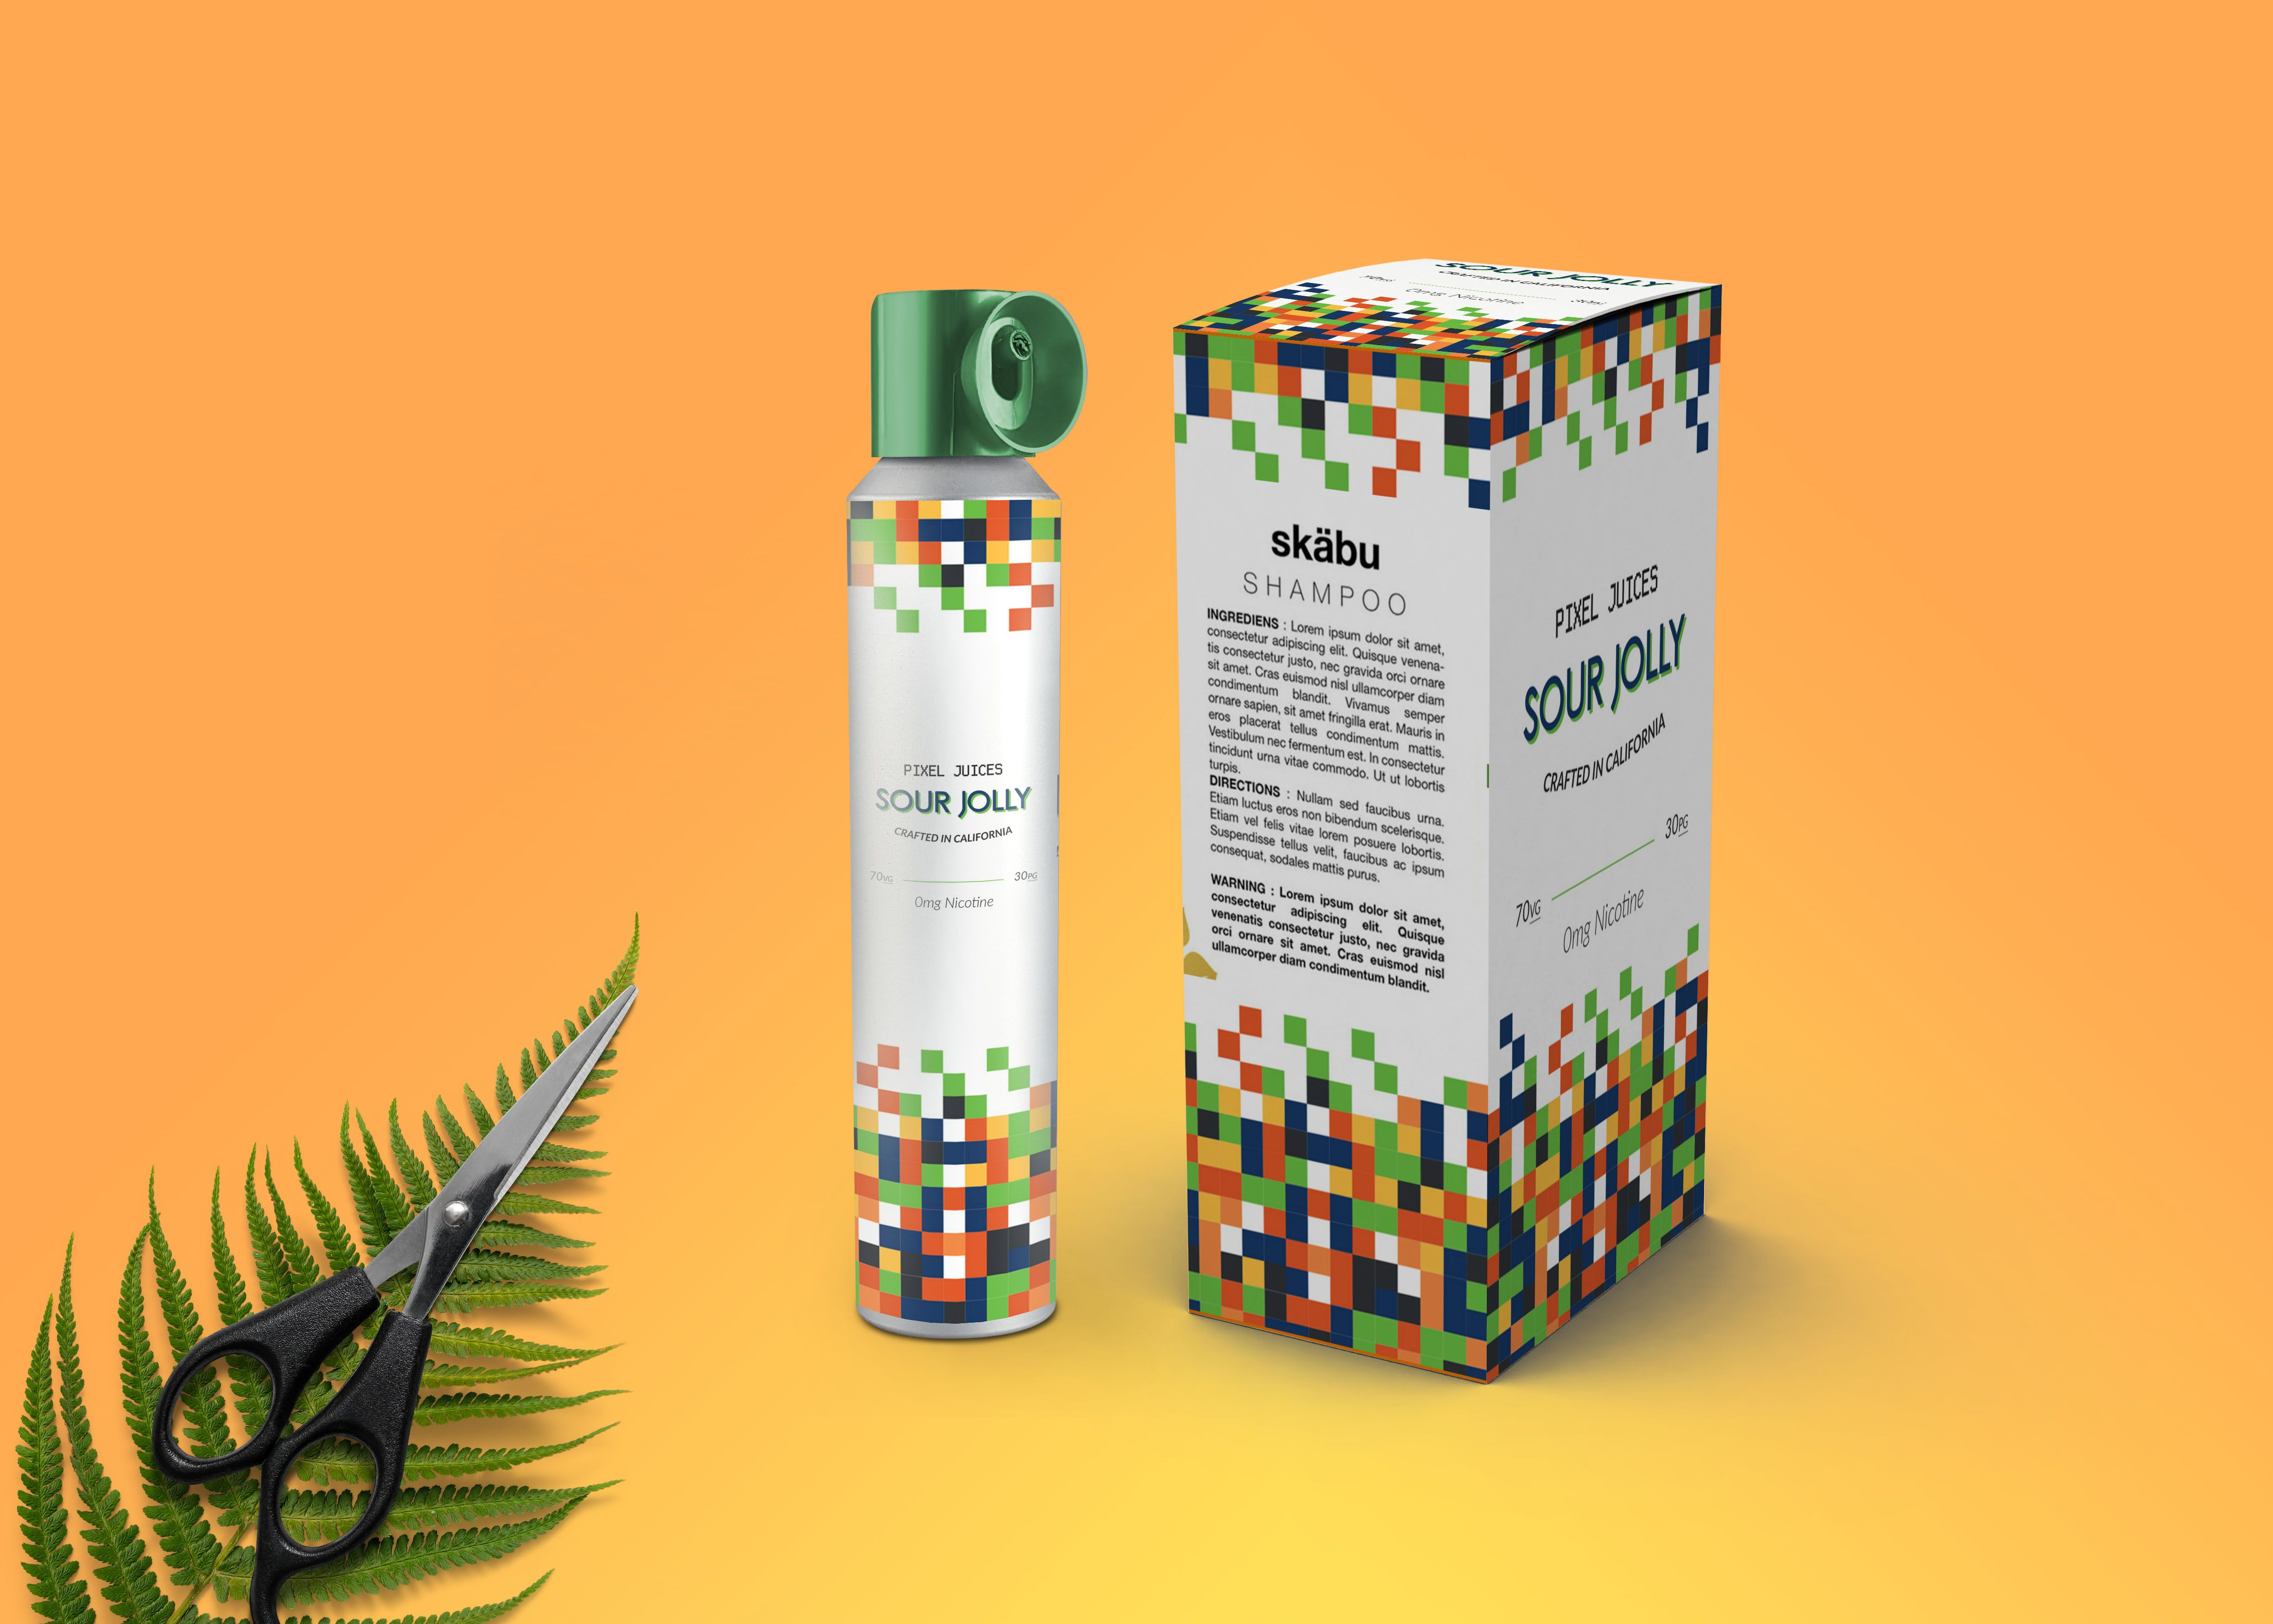 Salon Hair Spray Packaging Mockup in 2020 Packaging